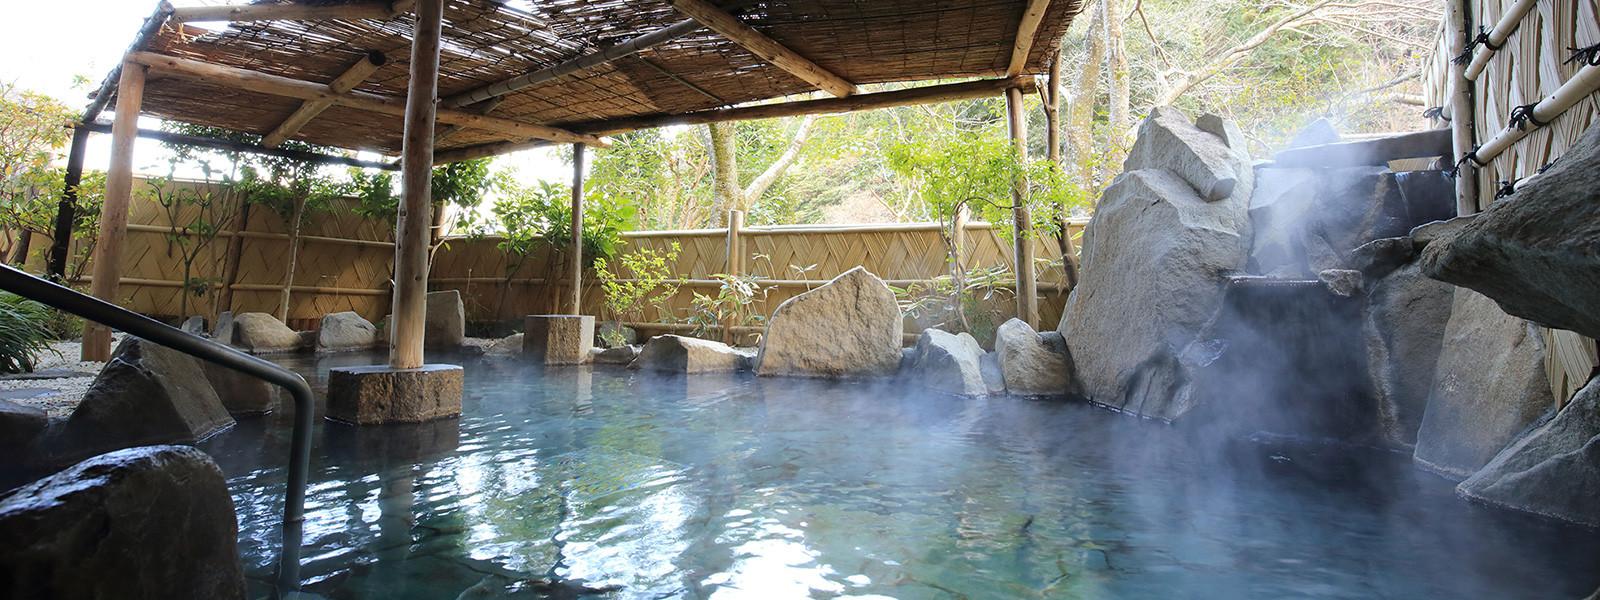 趣ある長泉山荘の露天風呂